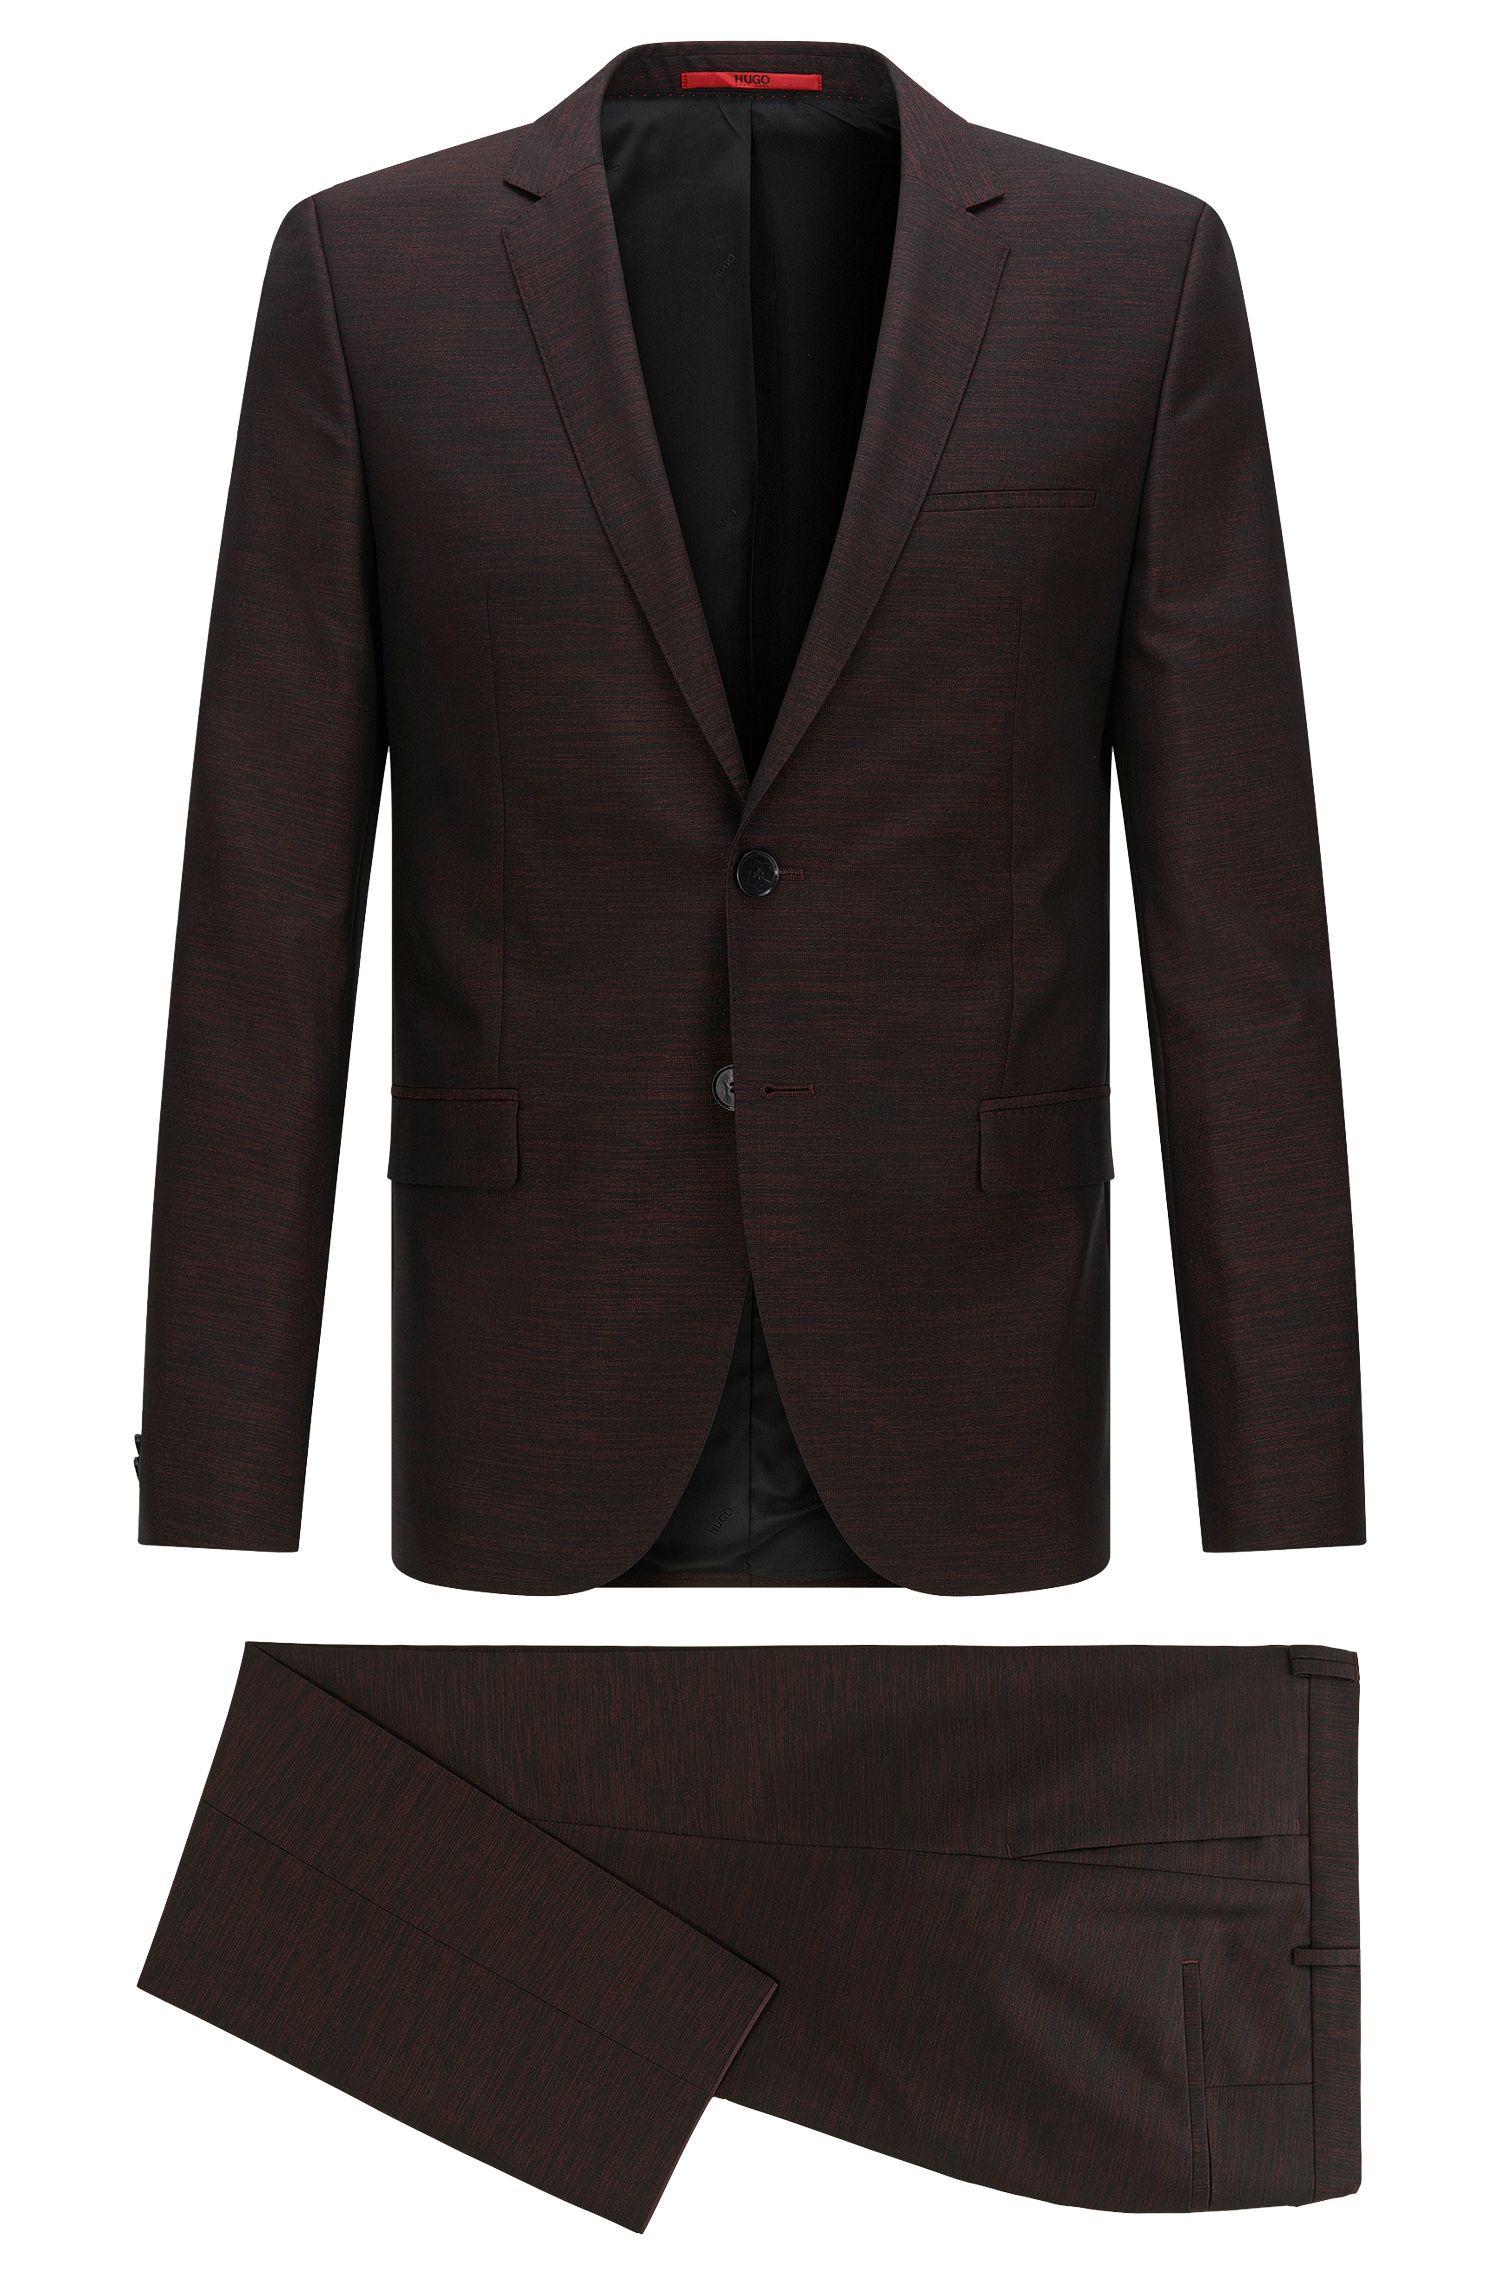 Virgin Wool Blend Suit, Slim Fit | Arti/Heston